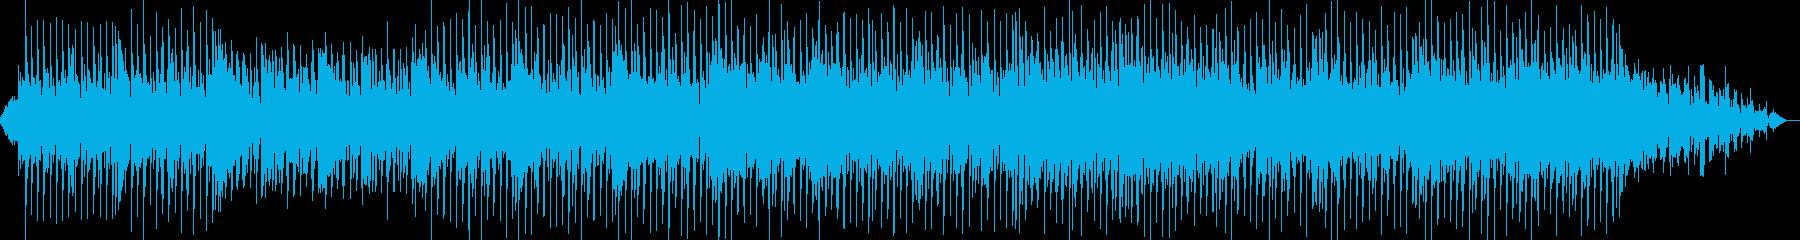 優しく爽やかな感じのポップス曲の再生済みの波形